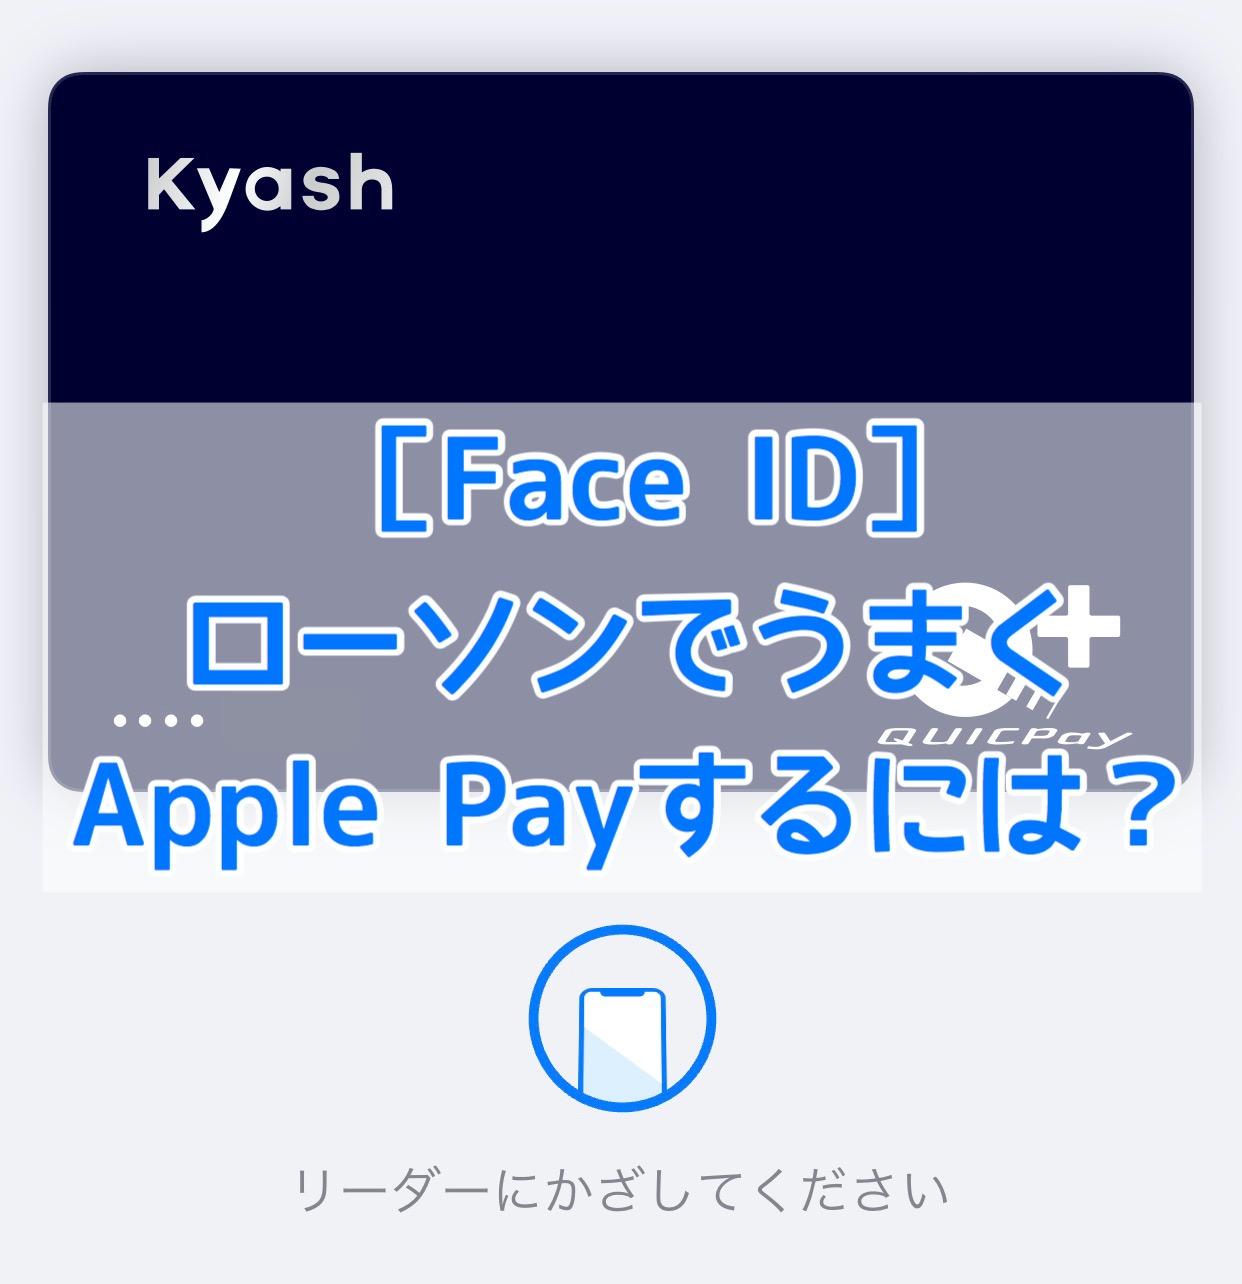 【ローソン】Face IDのiPhoneで「Apple Payで」をして決済&ポイント加算を同時にうまくこなすには